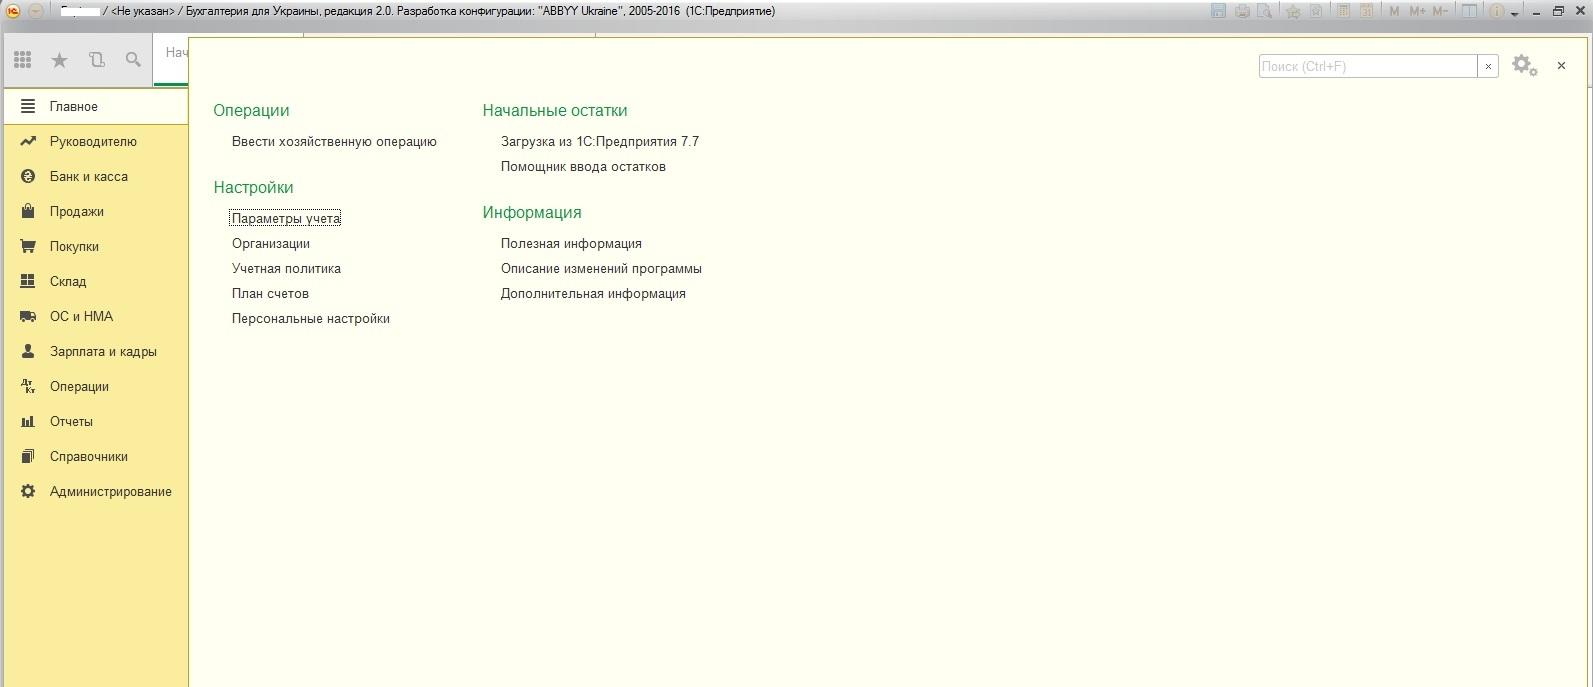 Параметри обліку 1С Бухгалтерія 2.0